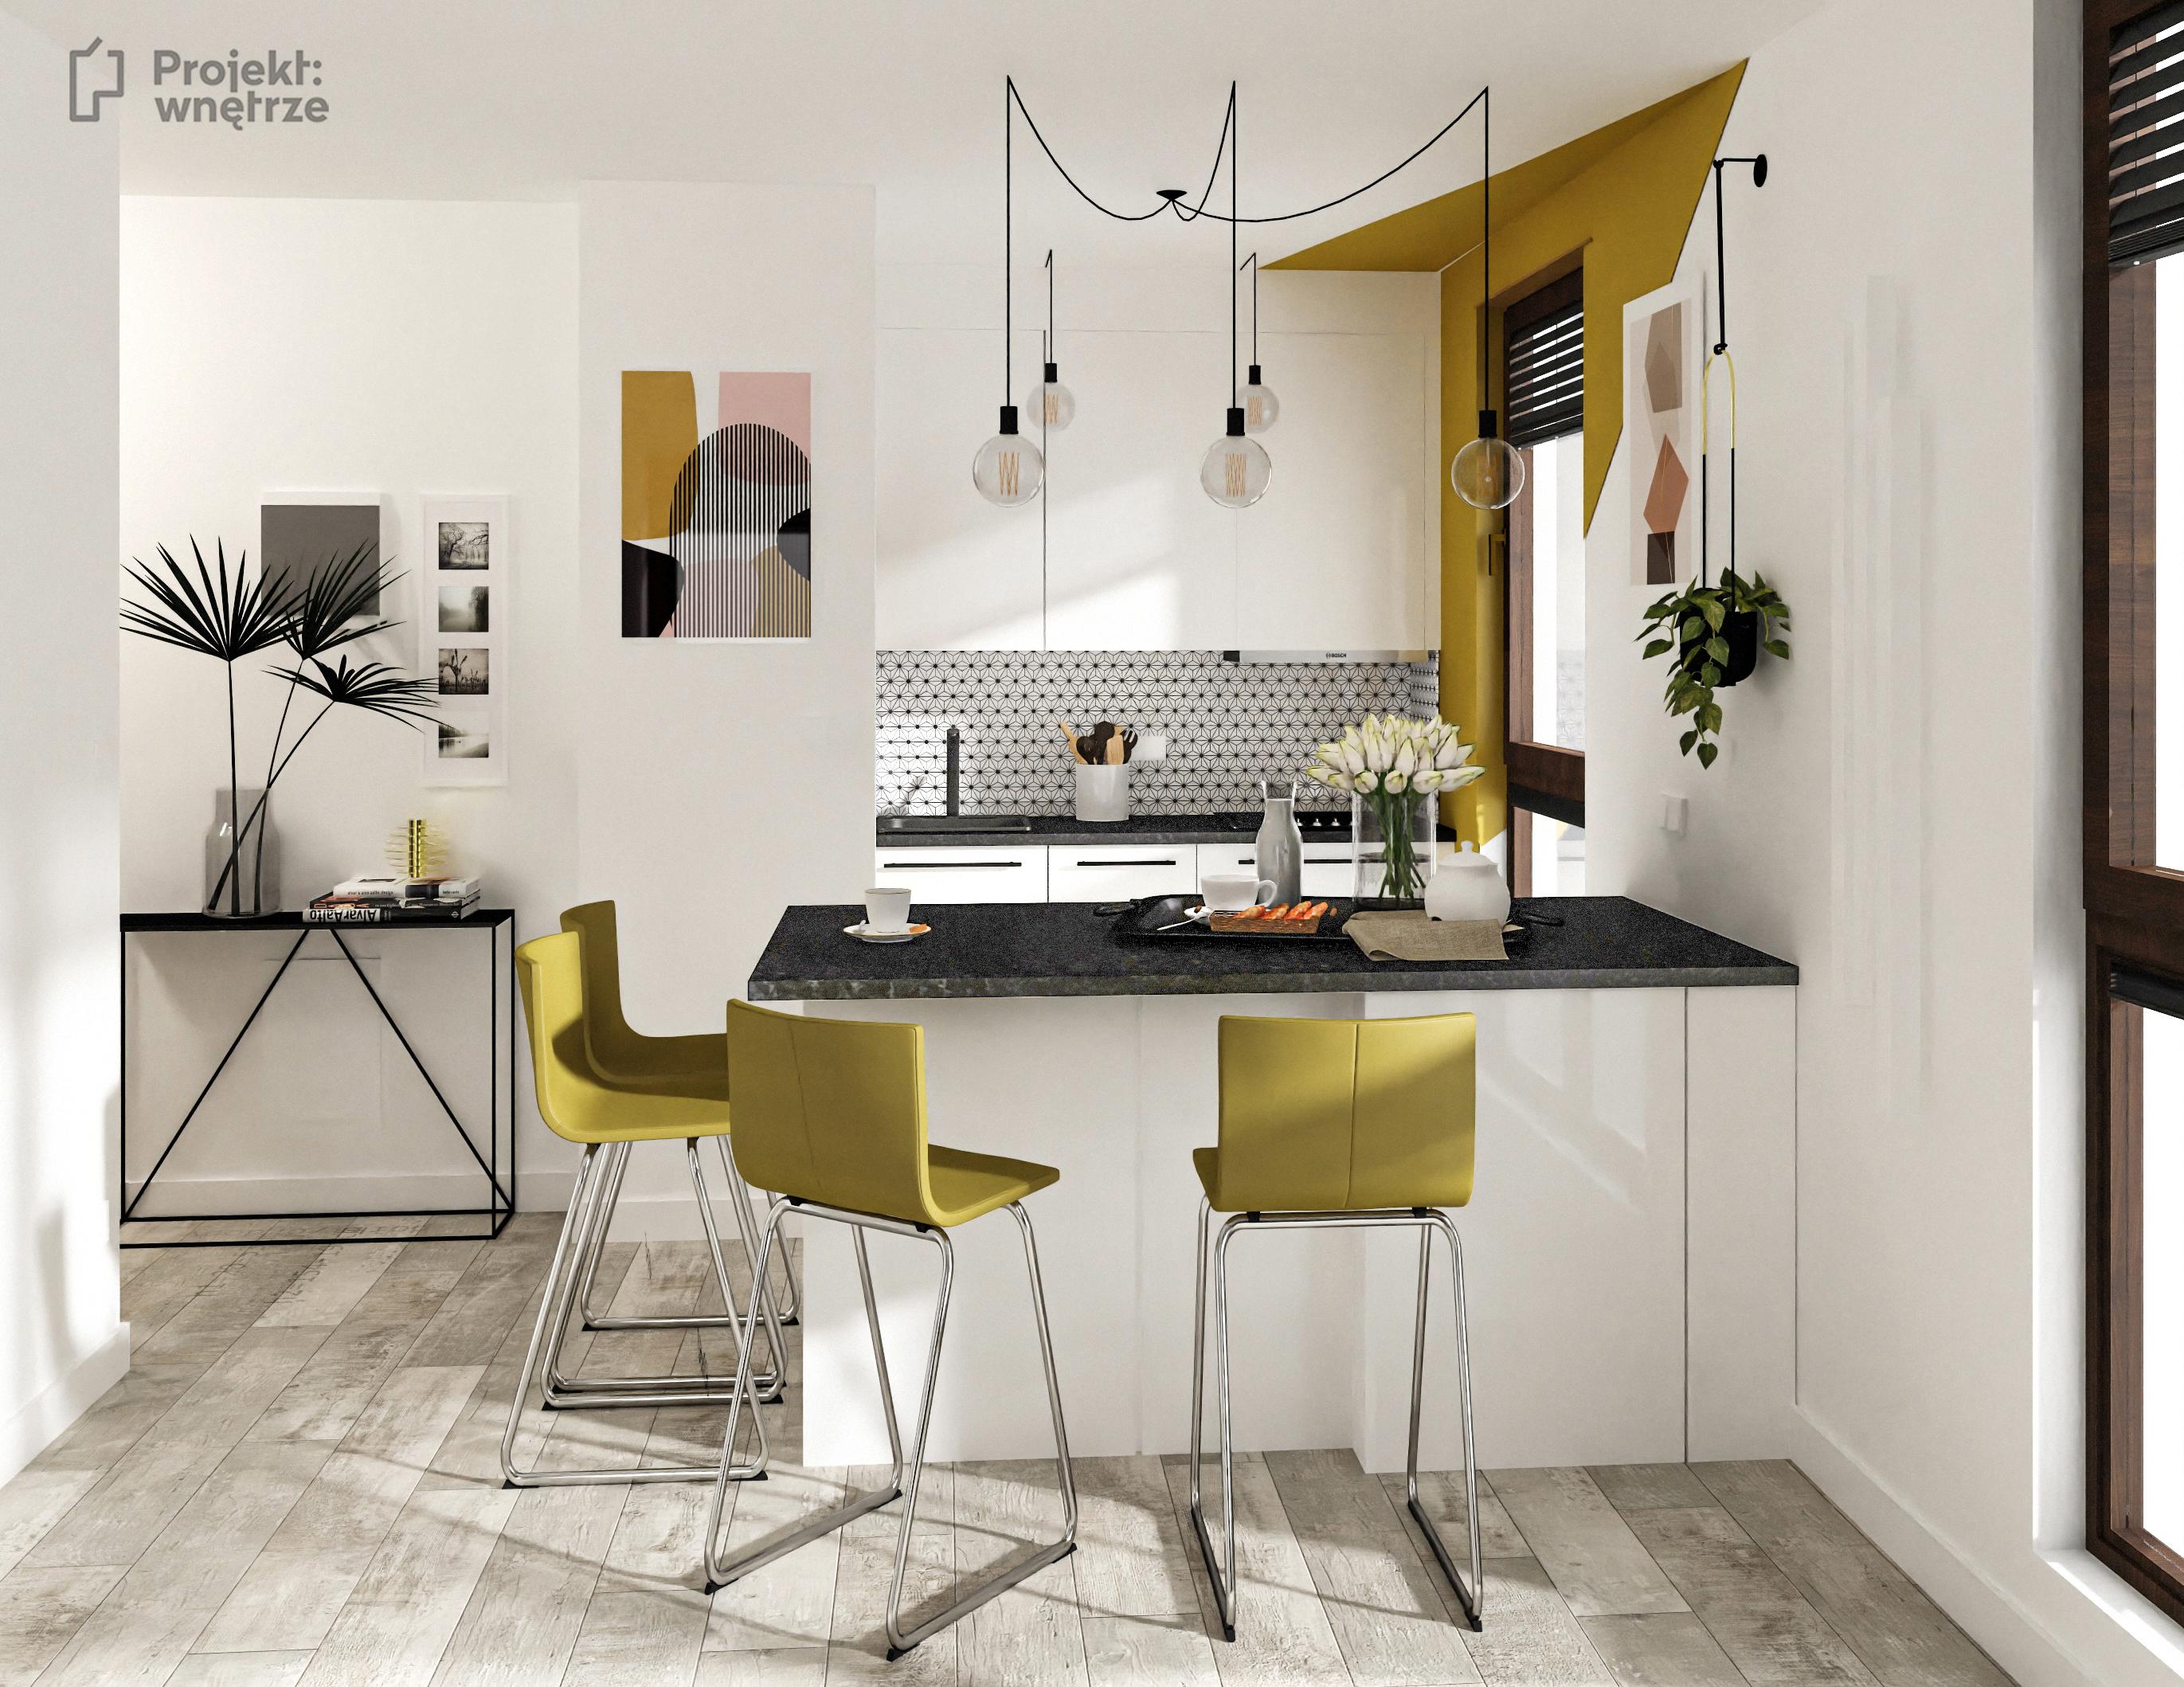 Nowoczesne mieszkanie z kolorem - biel czerń żółty musztardowy - PROJEKT: WNĘTRZE projektowanie wnętrz Warszawa okolice online www.projektwnetrze.com.pl